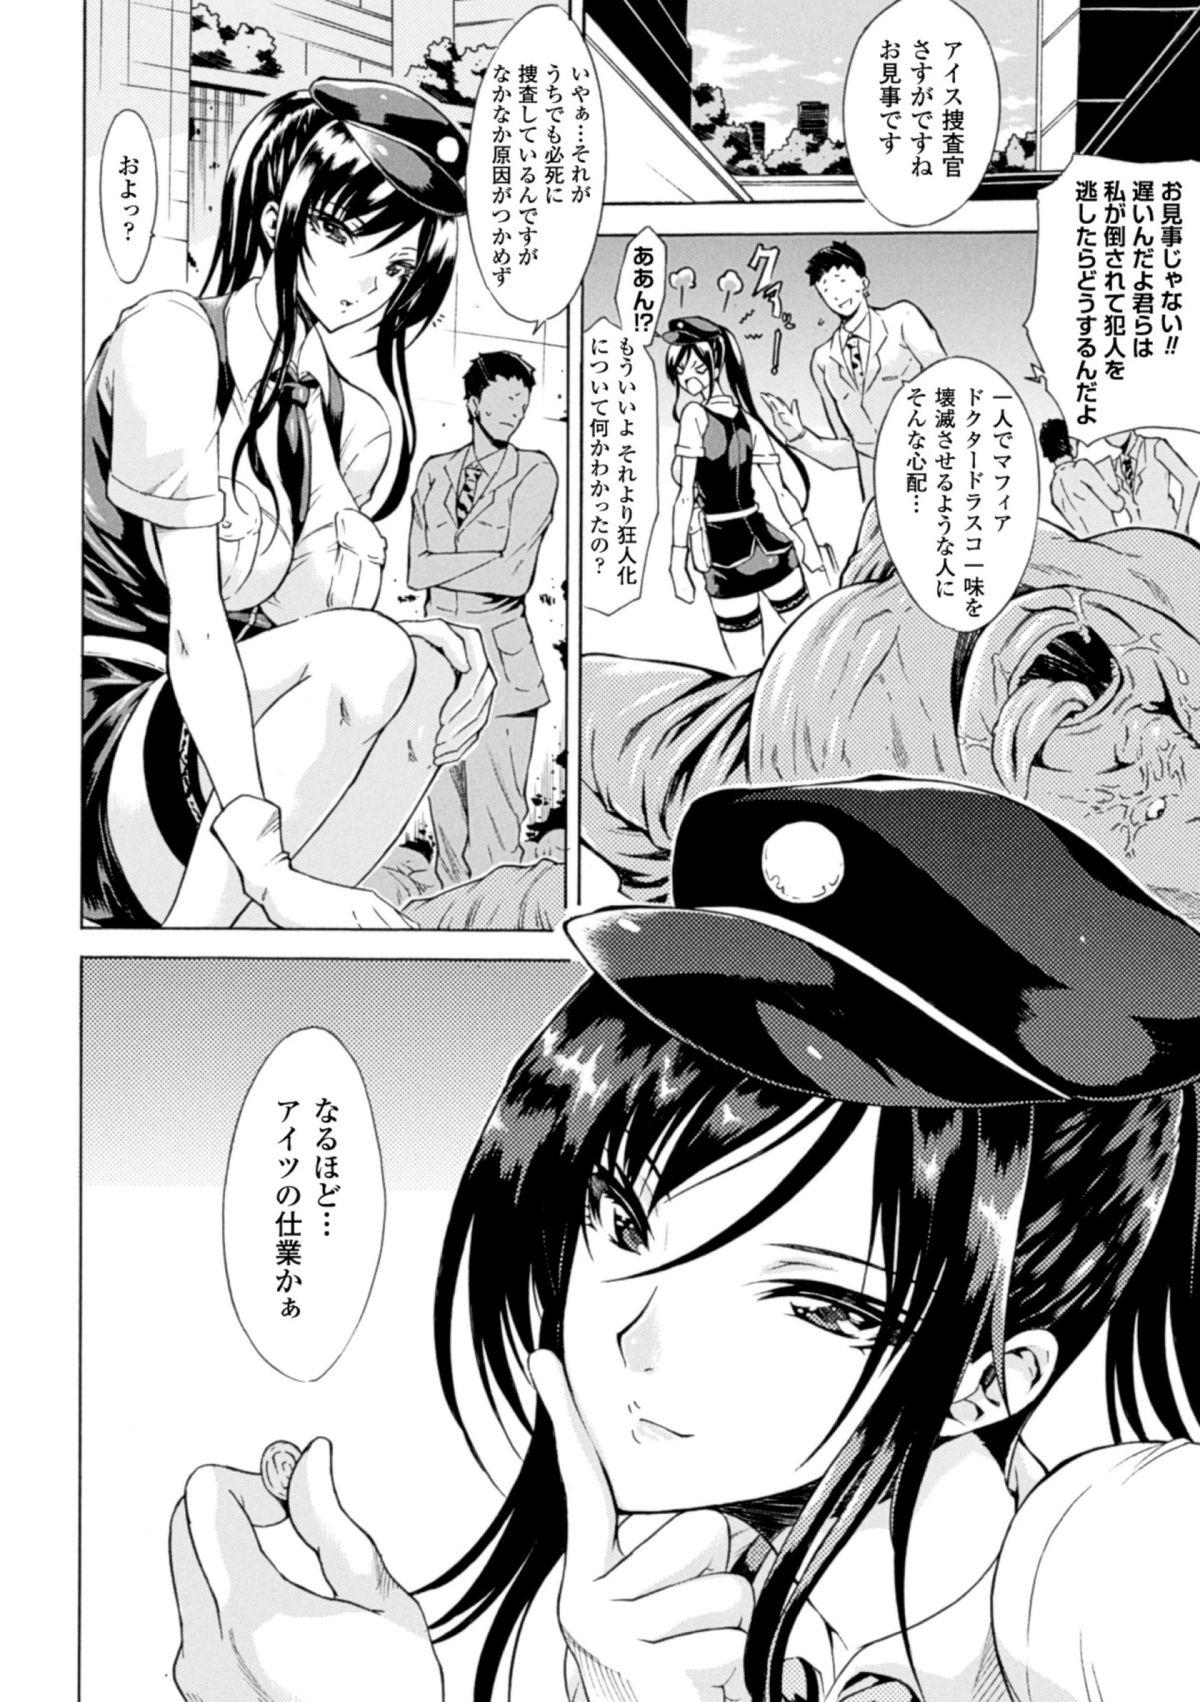 Hyottoko FellaGao wo Sarasu Bishoujo-tachi Vol. 1 5